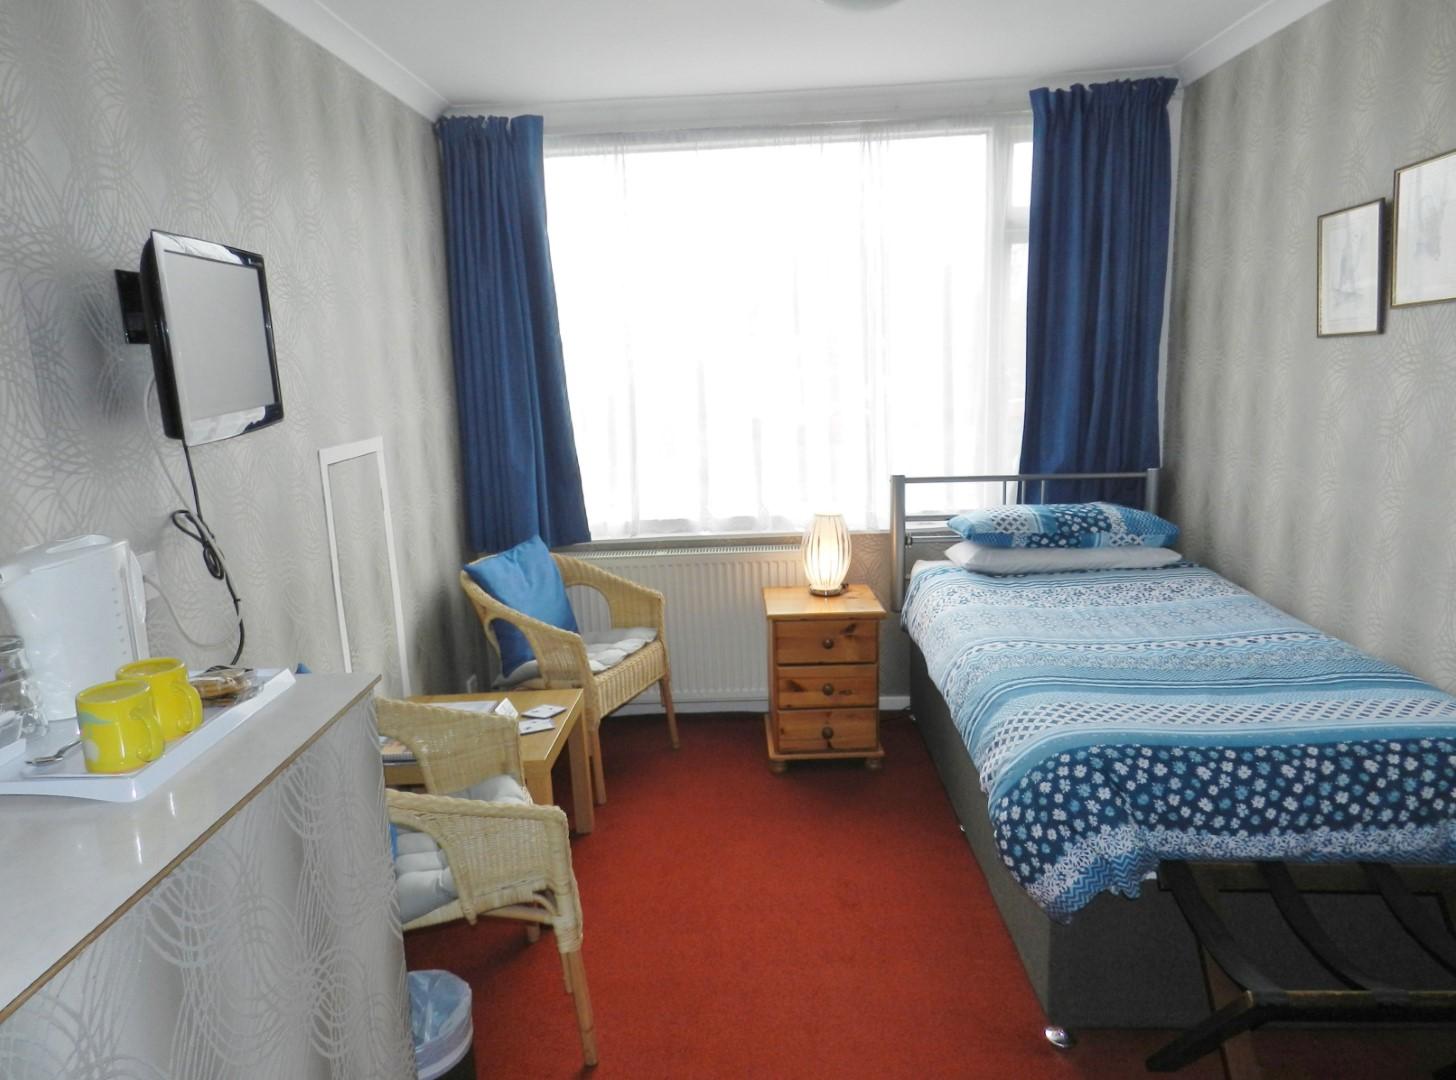 Vermontbedroom2.JPG